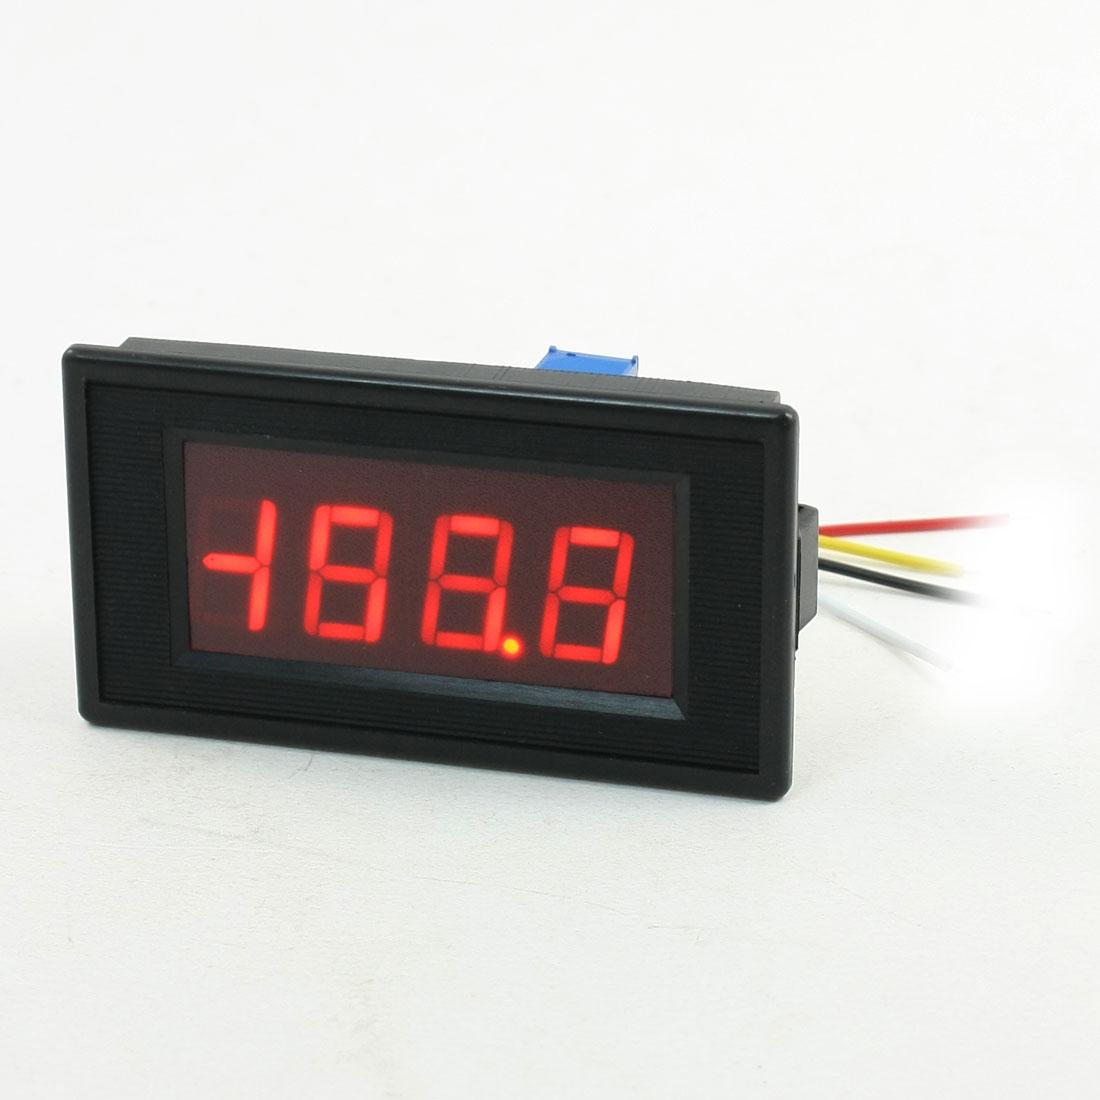 AC 50-200mA 3 1/2 Panel Mount LED Display Digital Ammeter Amperemeter